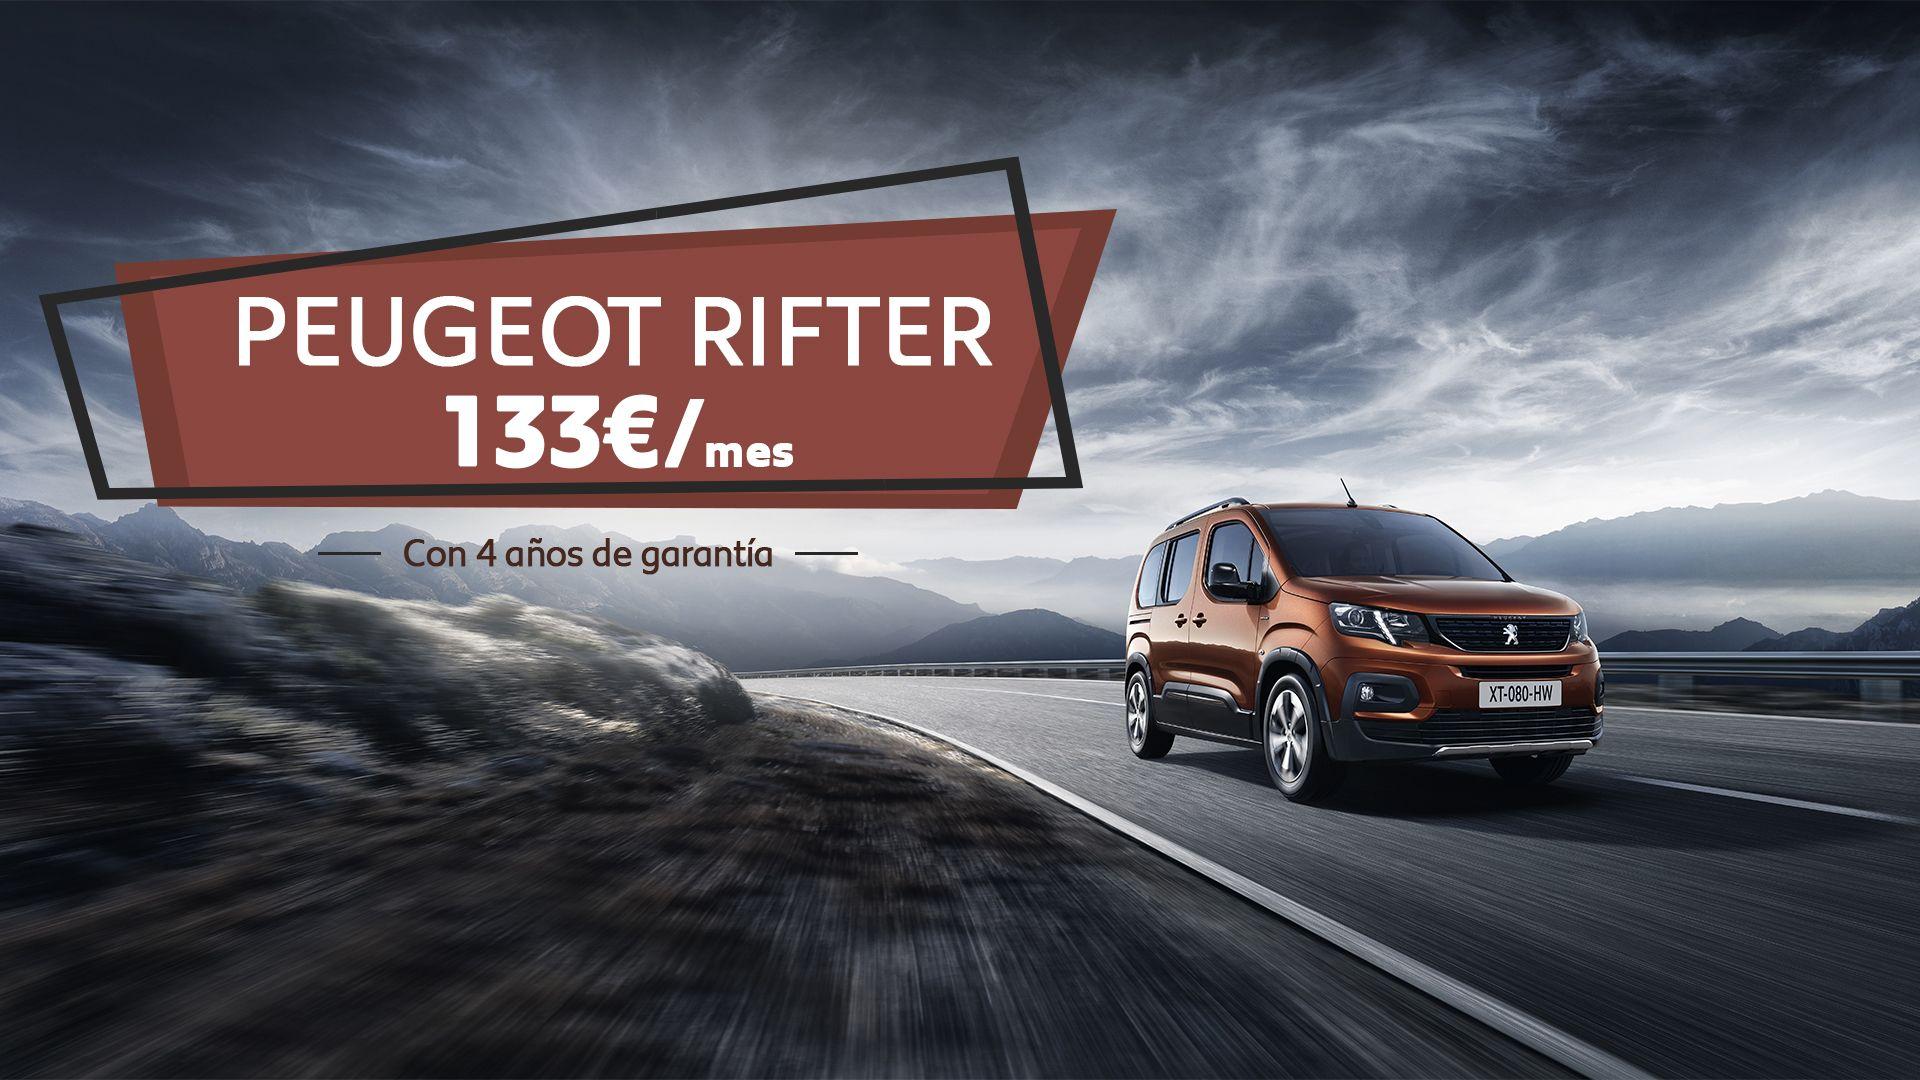 Conduce el nuevo  Peugeot Rifter por sólo 133€/mes y CUATRO años de garantía